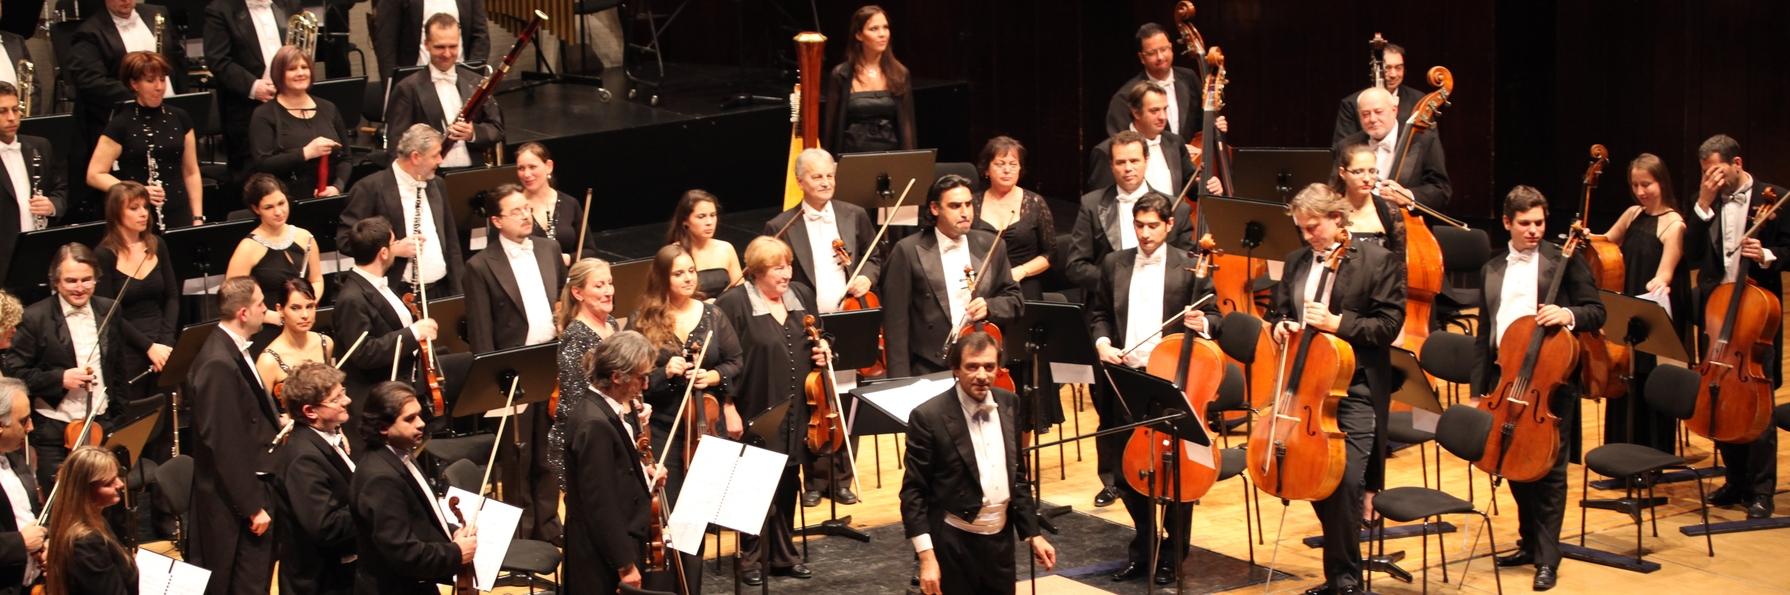 Failoni Chamber Orchestra